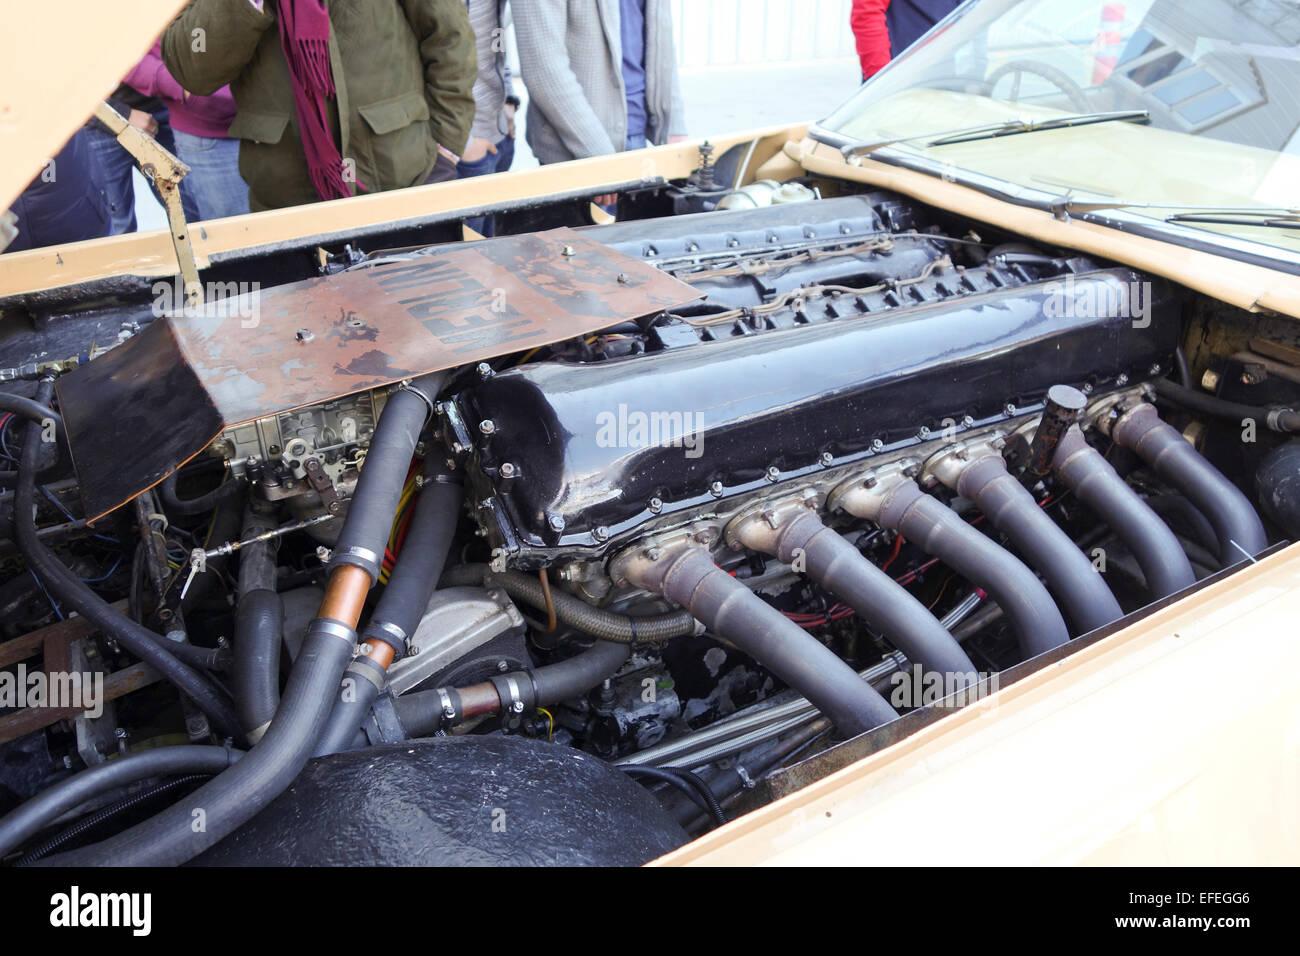 Un 27 Litros Motor Rolls Royce Aeronaves Dentro De Un Raro John Dodd